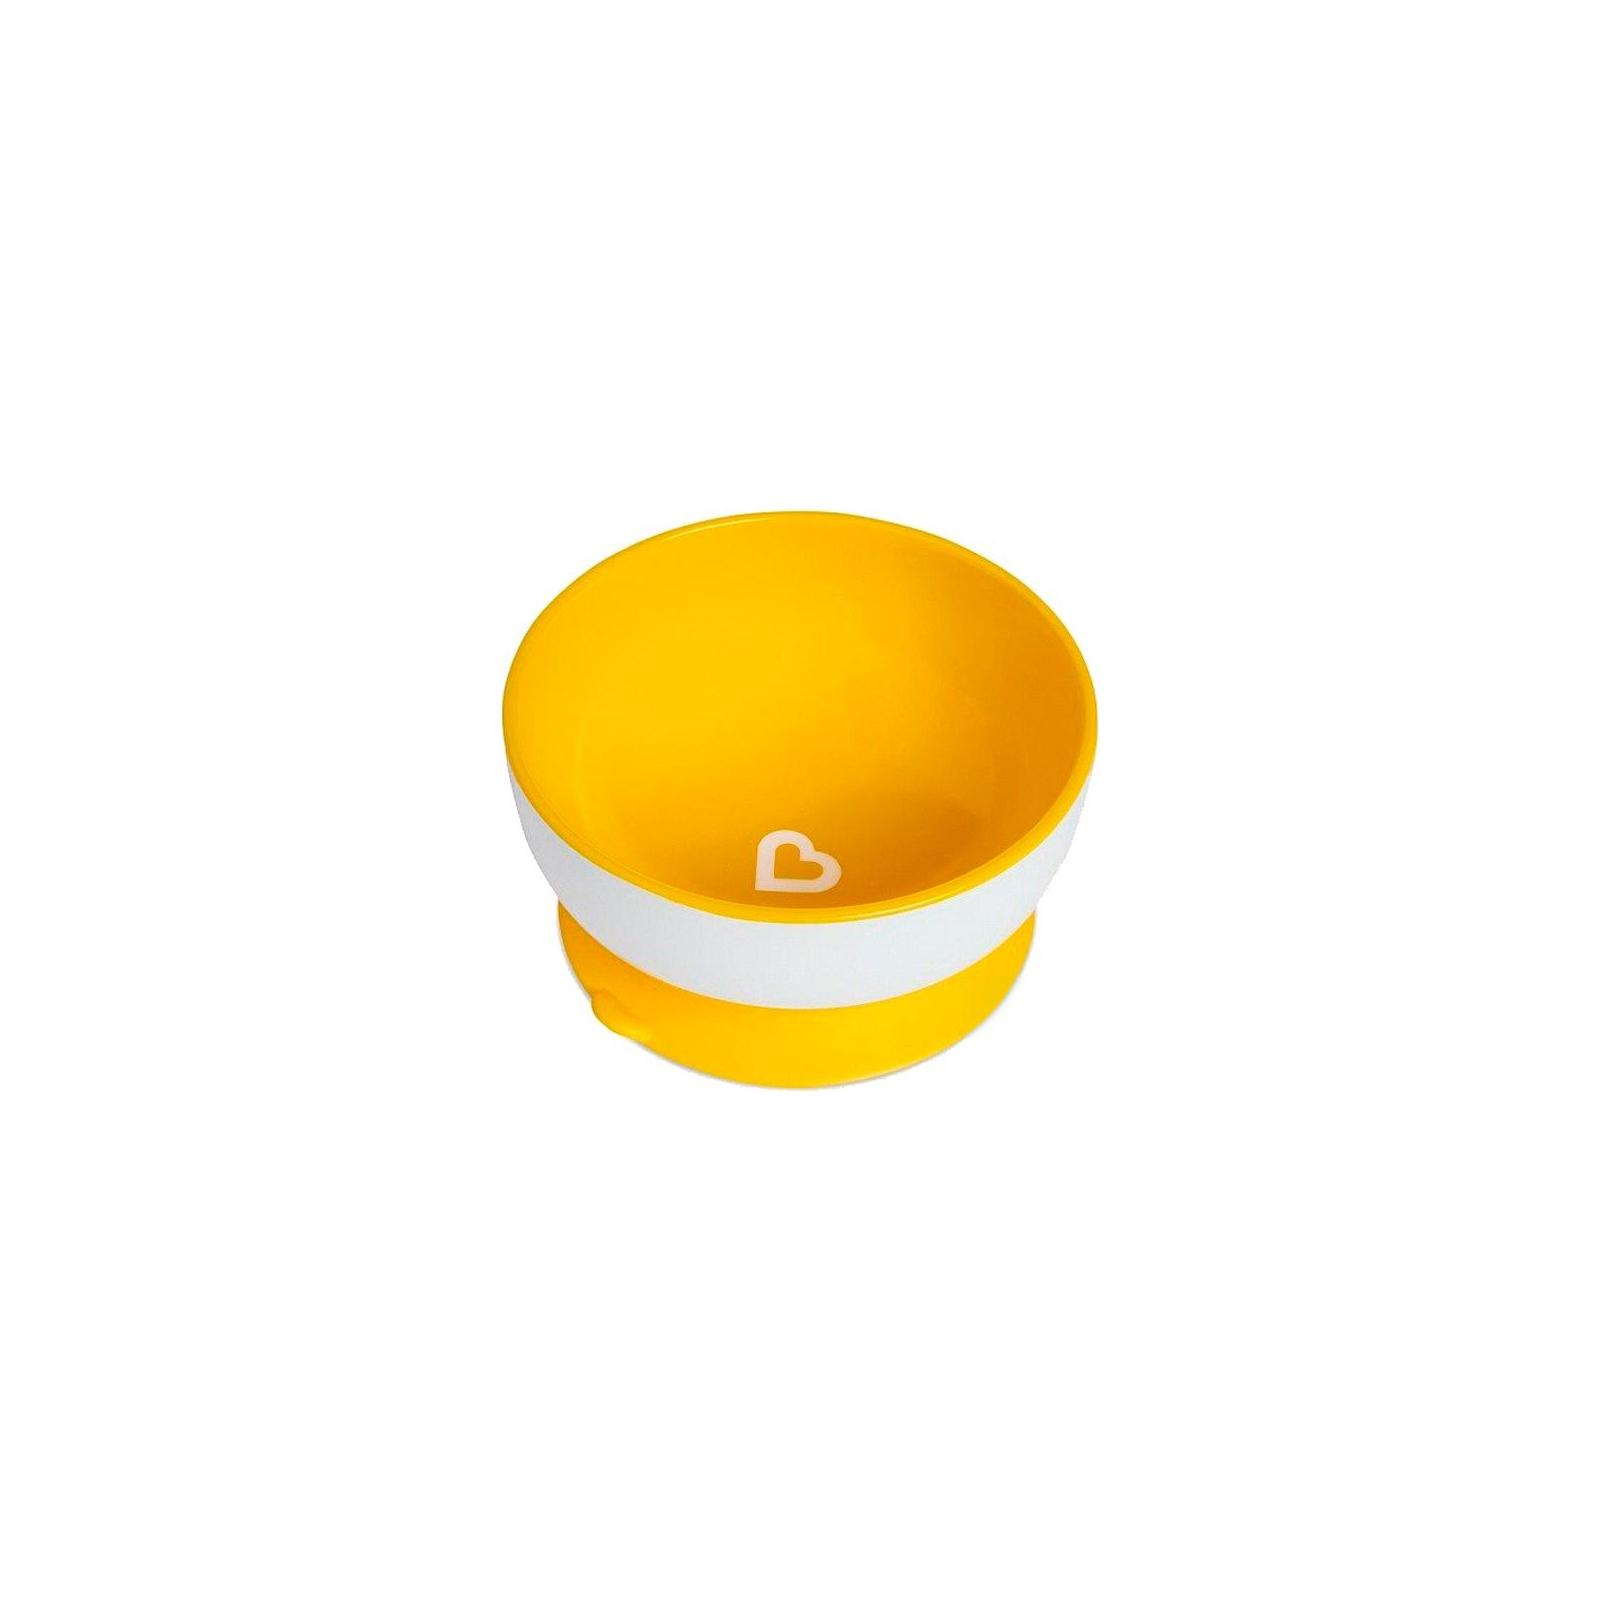 Набор детской посуды Munchkin тарелки с присосками 3 шт. (01107504) изображение 8